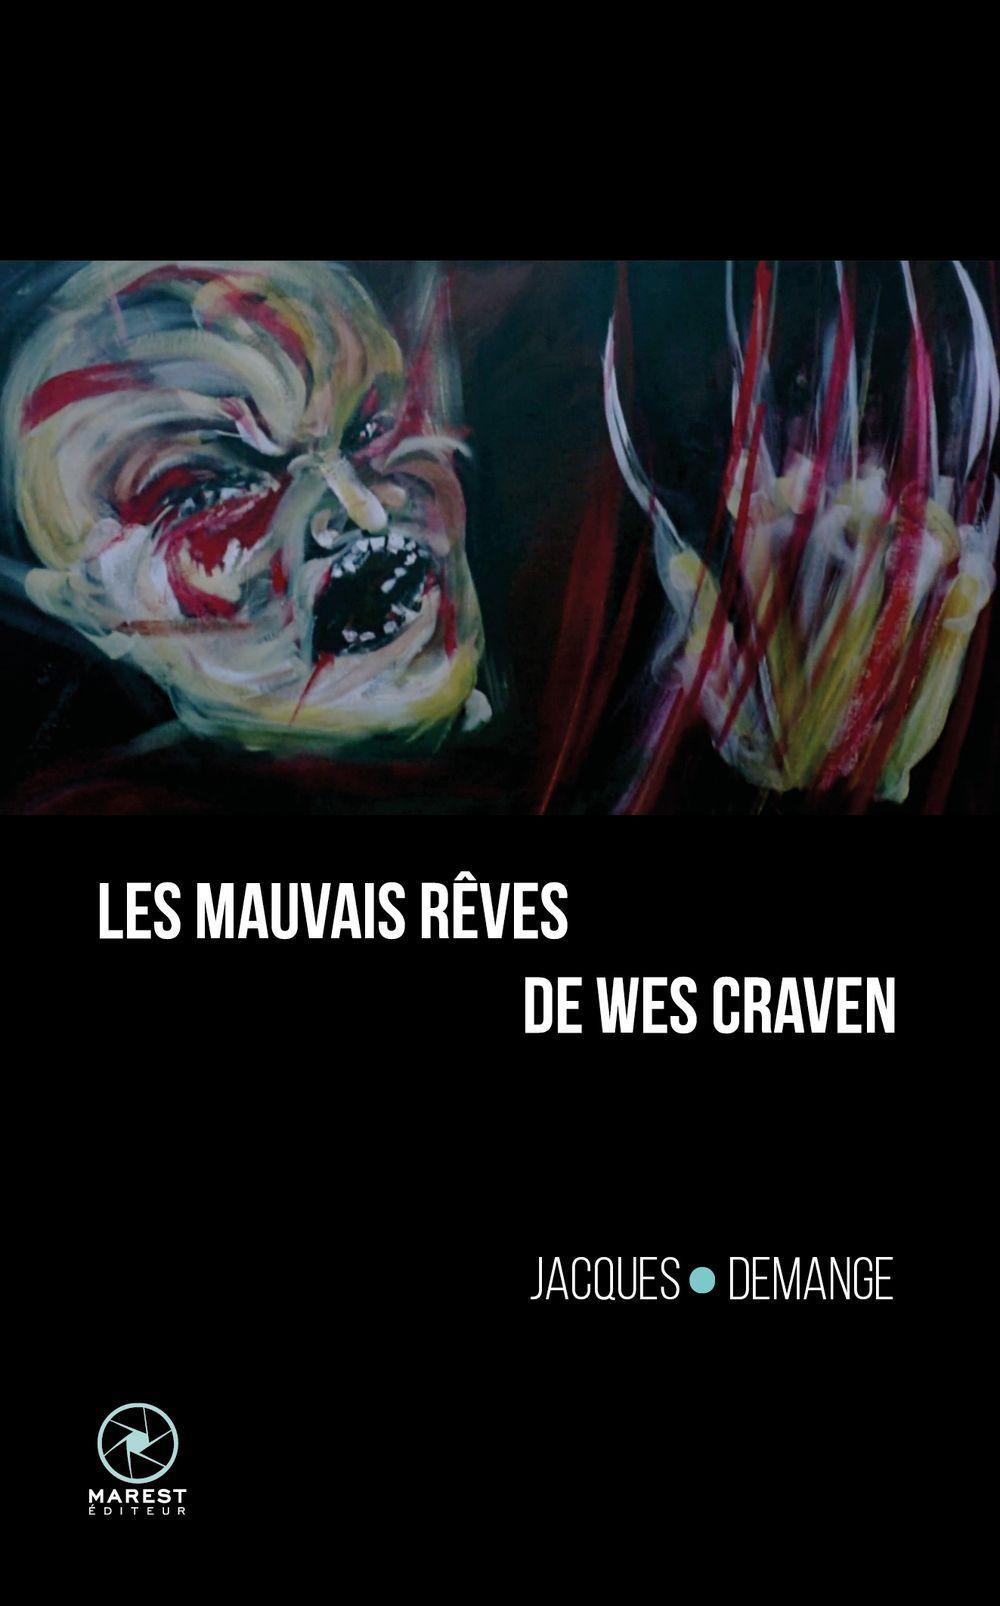 LES MAUVAIS REVES DE WES CRAVEN